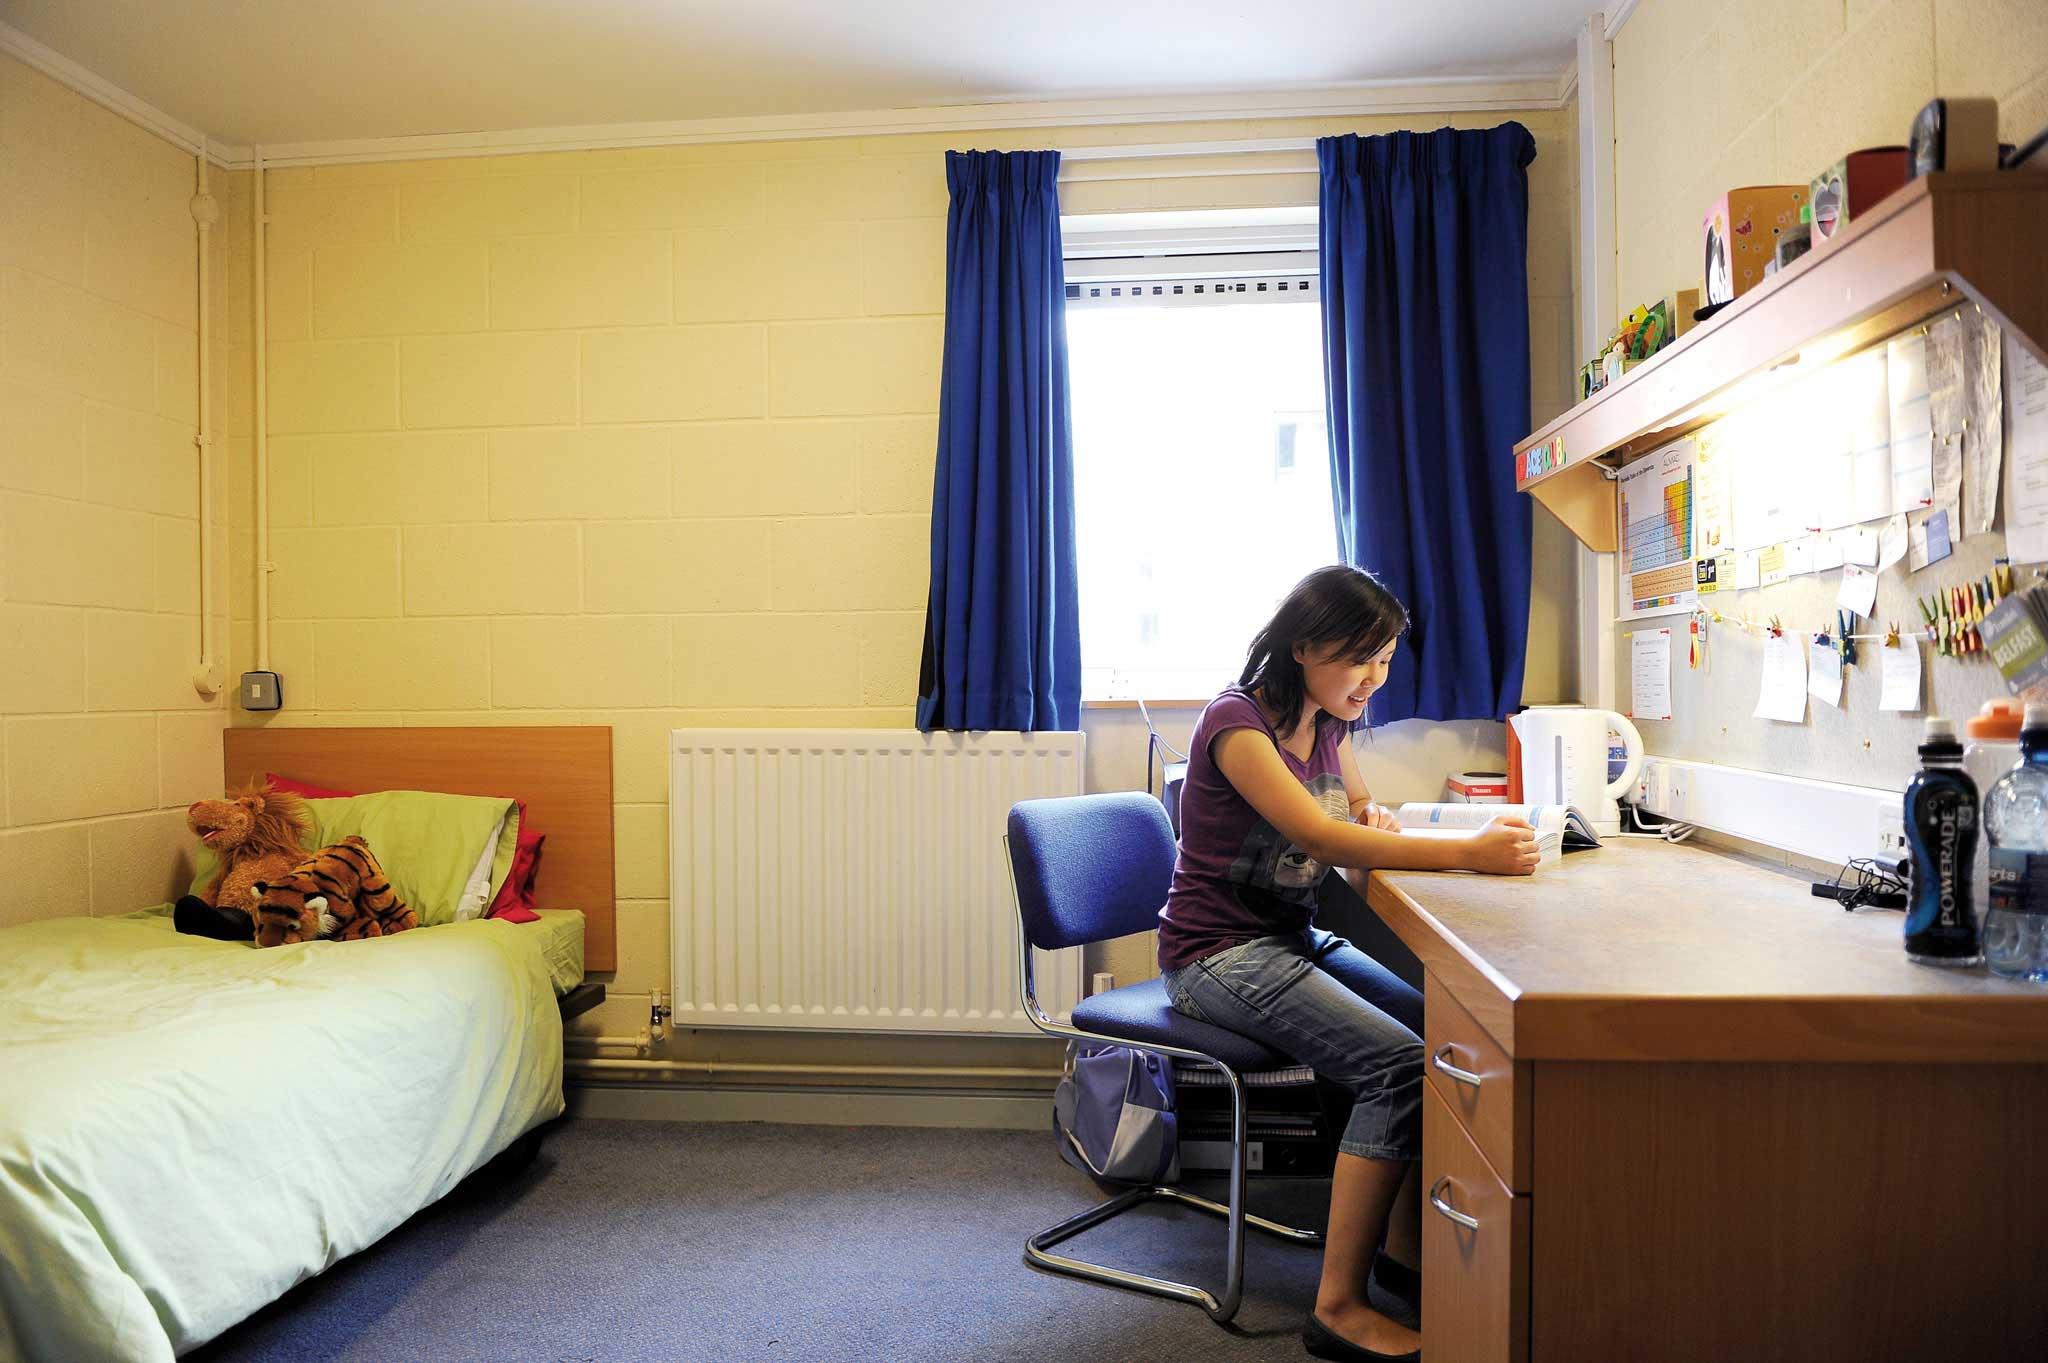 在自己的私人空间学习或放松